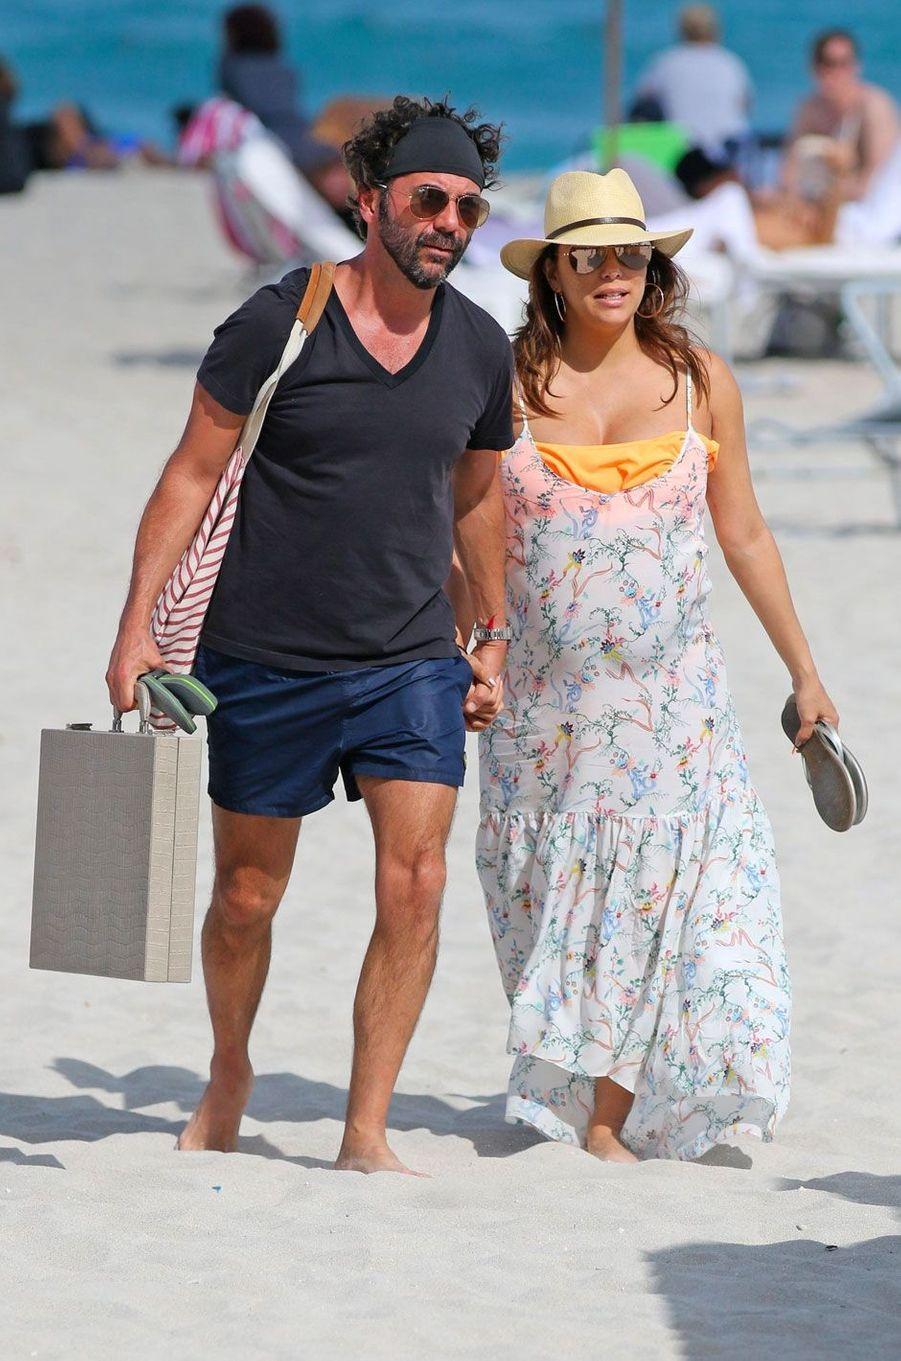 Très enceinte, Eva Longoria radieuse sur une plage à Miami